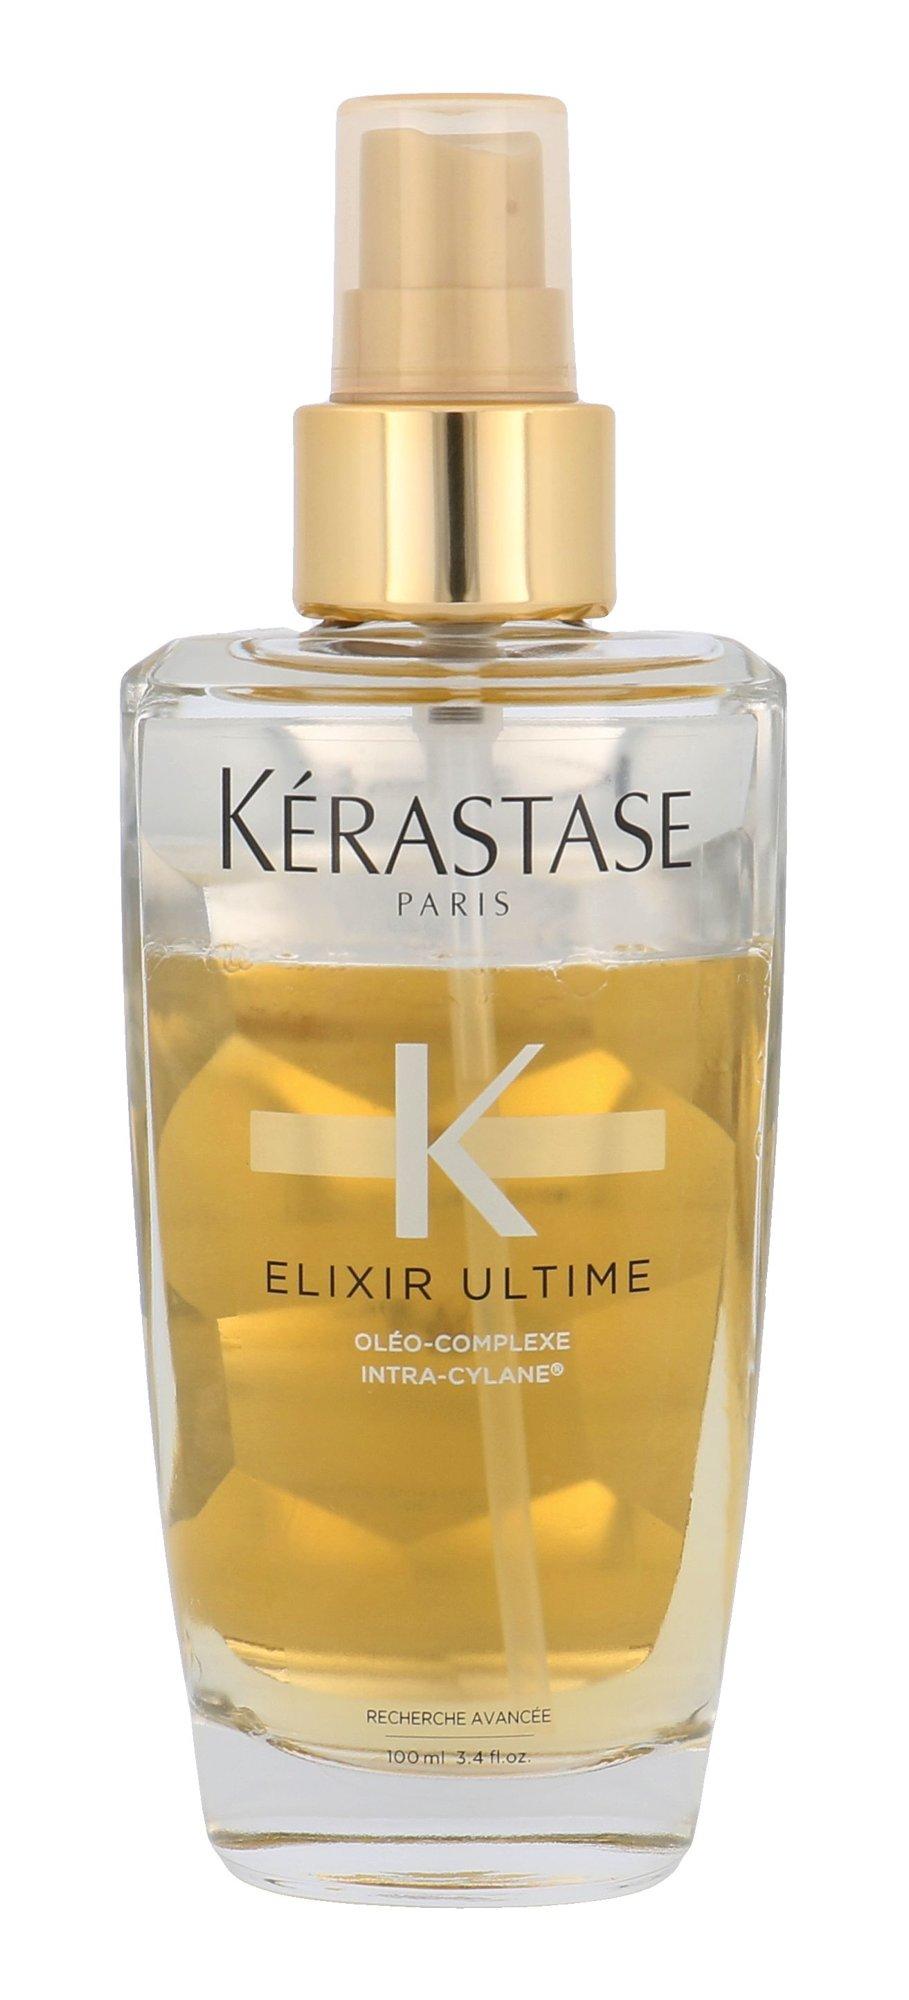 Kérastase Elixir Ultime Cosmetic 100ml